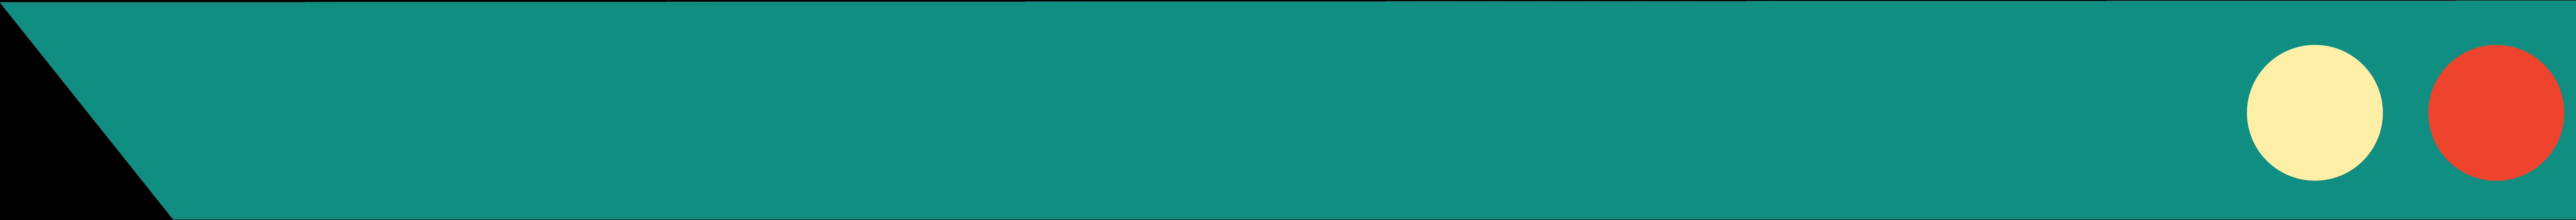 browser bar Clipart illustration in PNG, SVG